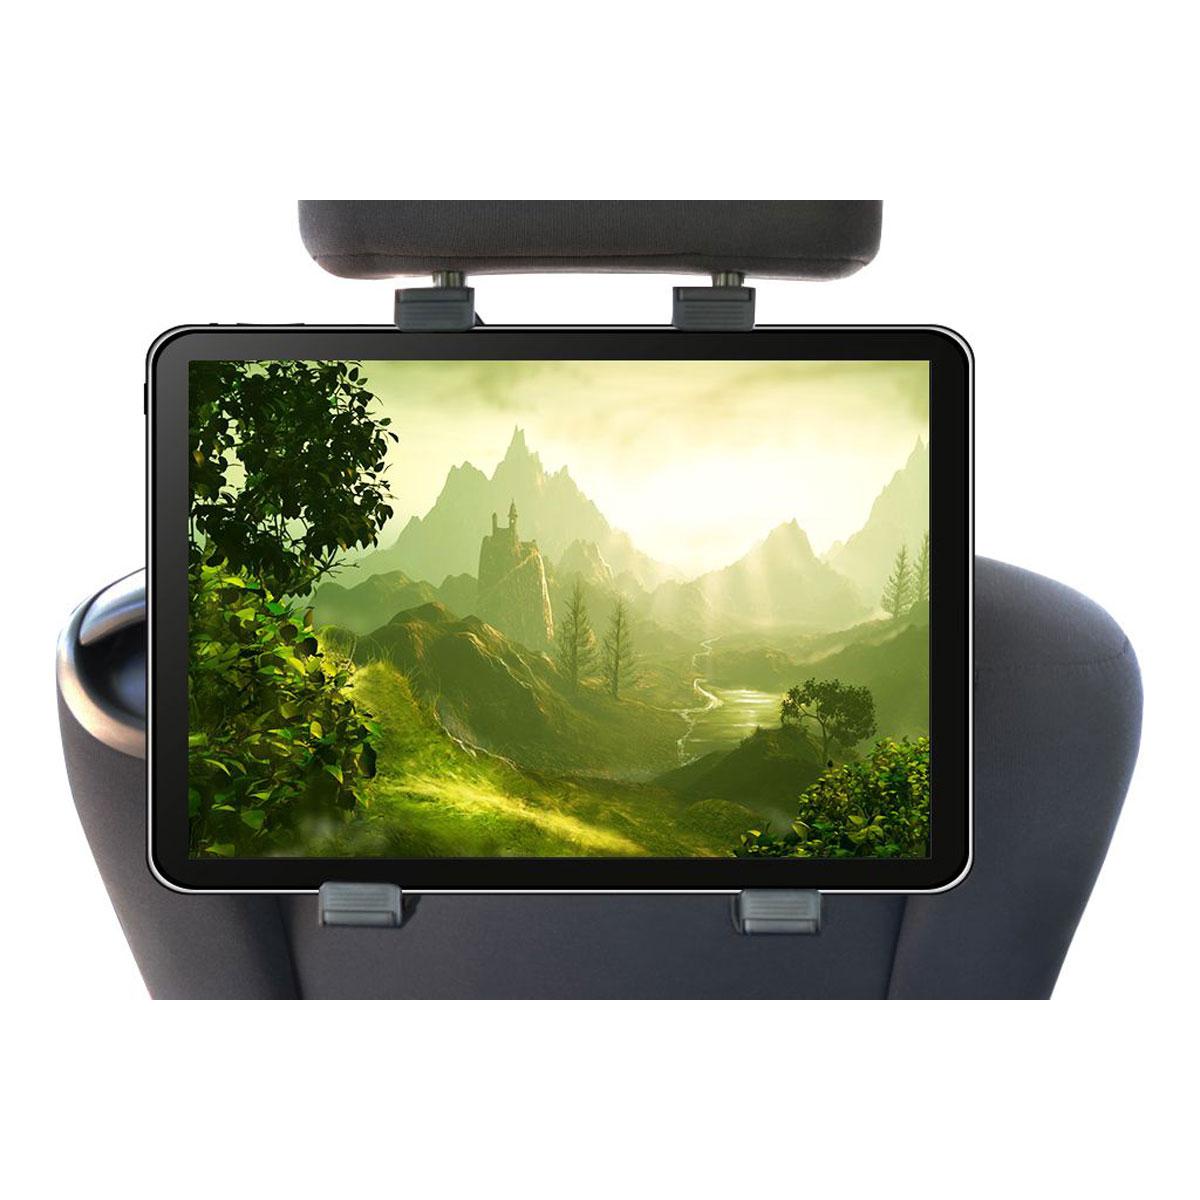 Support Tablette Voiture Norauto : halterrego support voiture universel tablette accessoires tablette halterrego sur ldlc ~ Dallasstarsshop.com Idées de Décoration